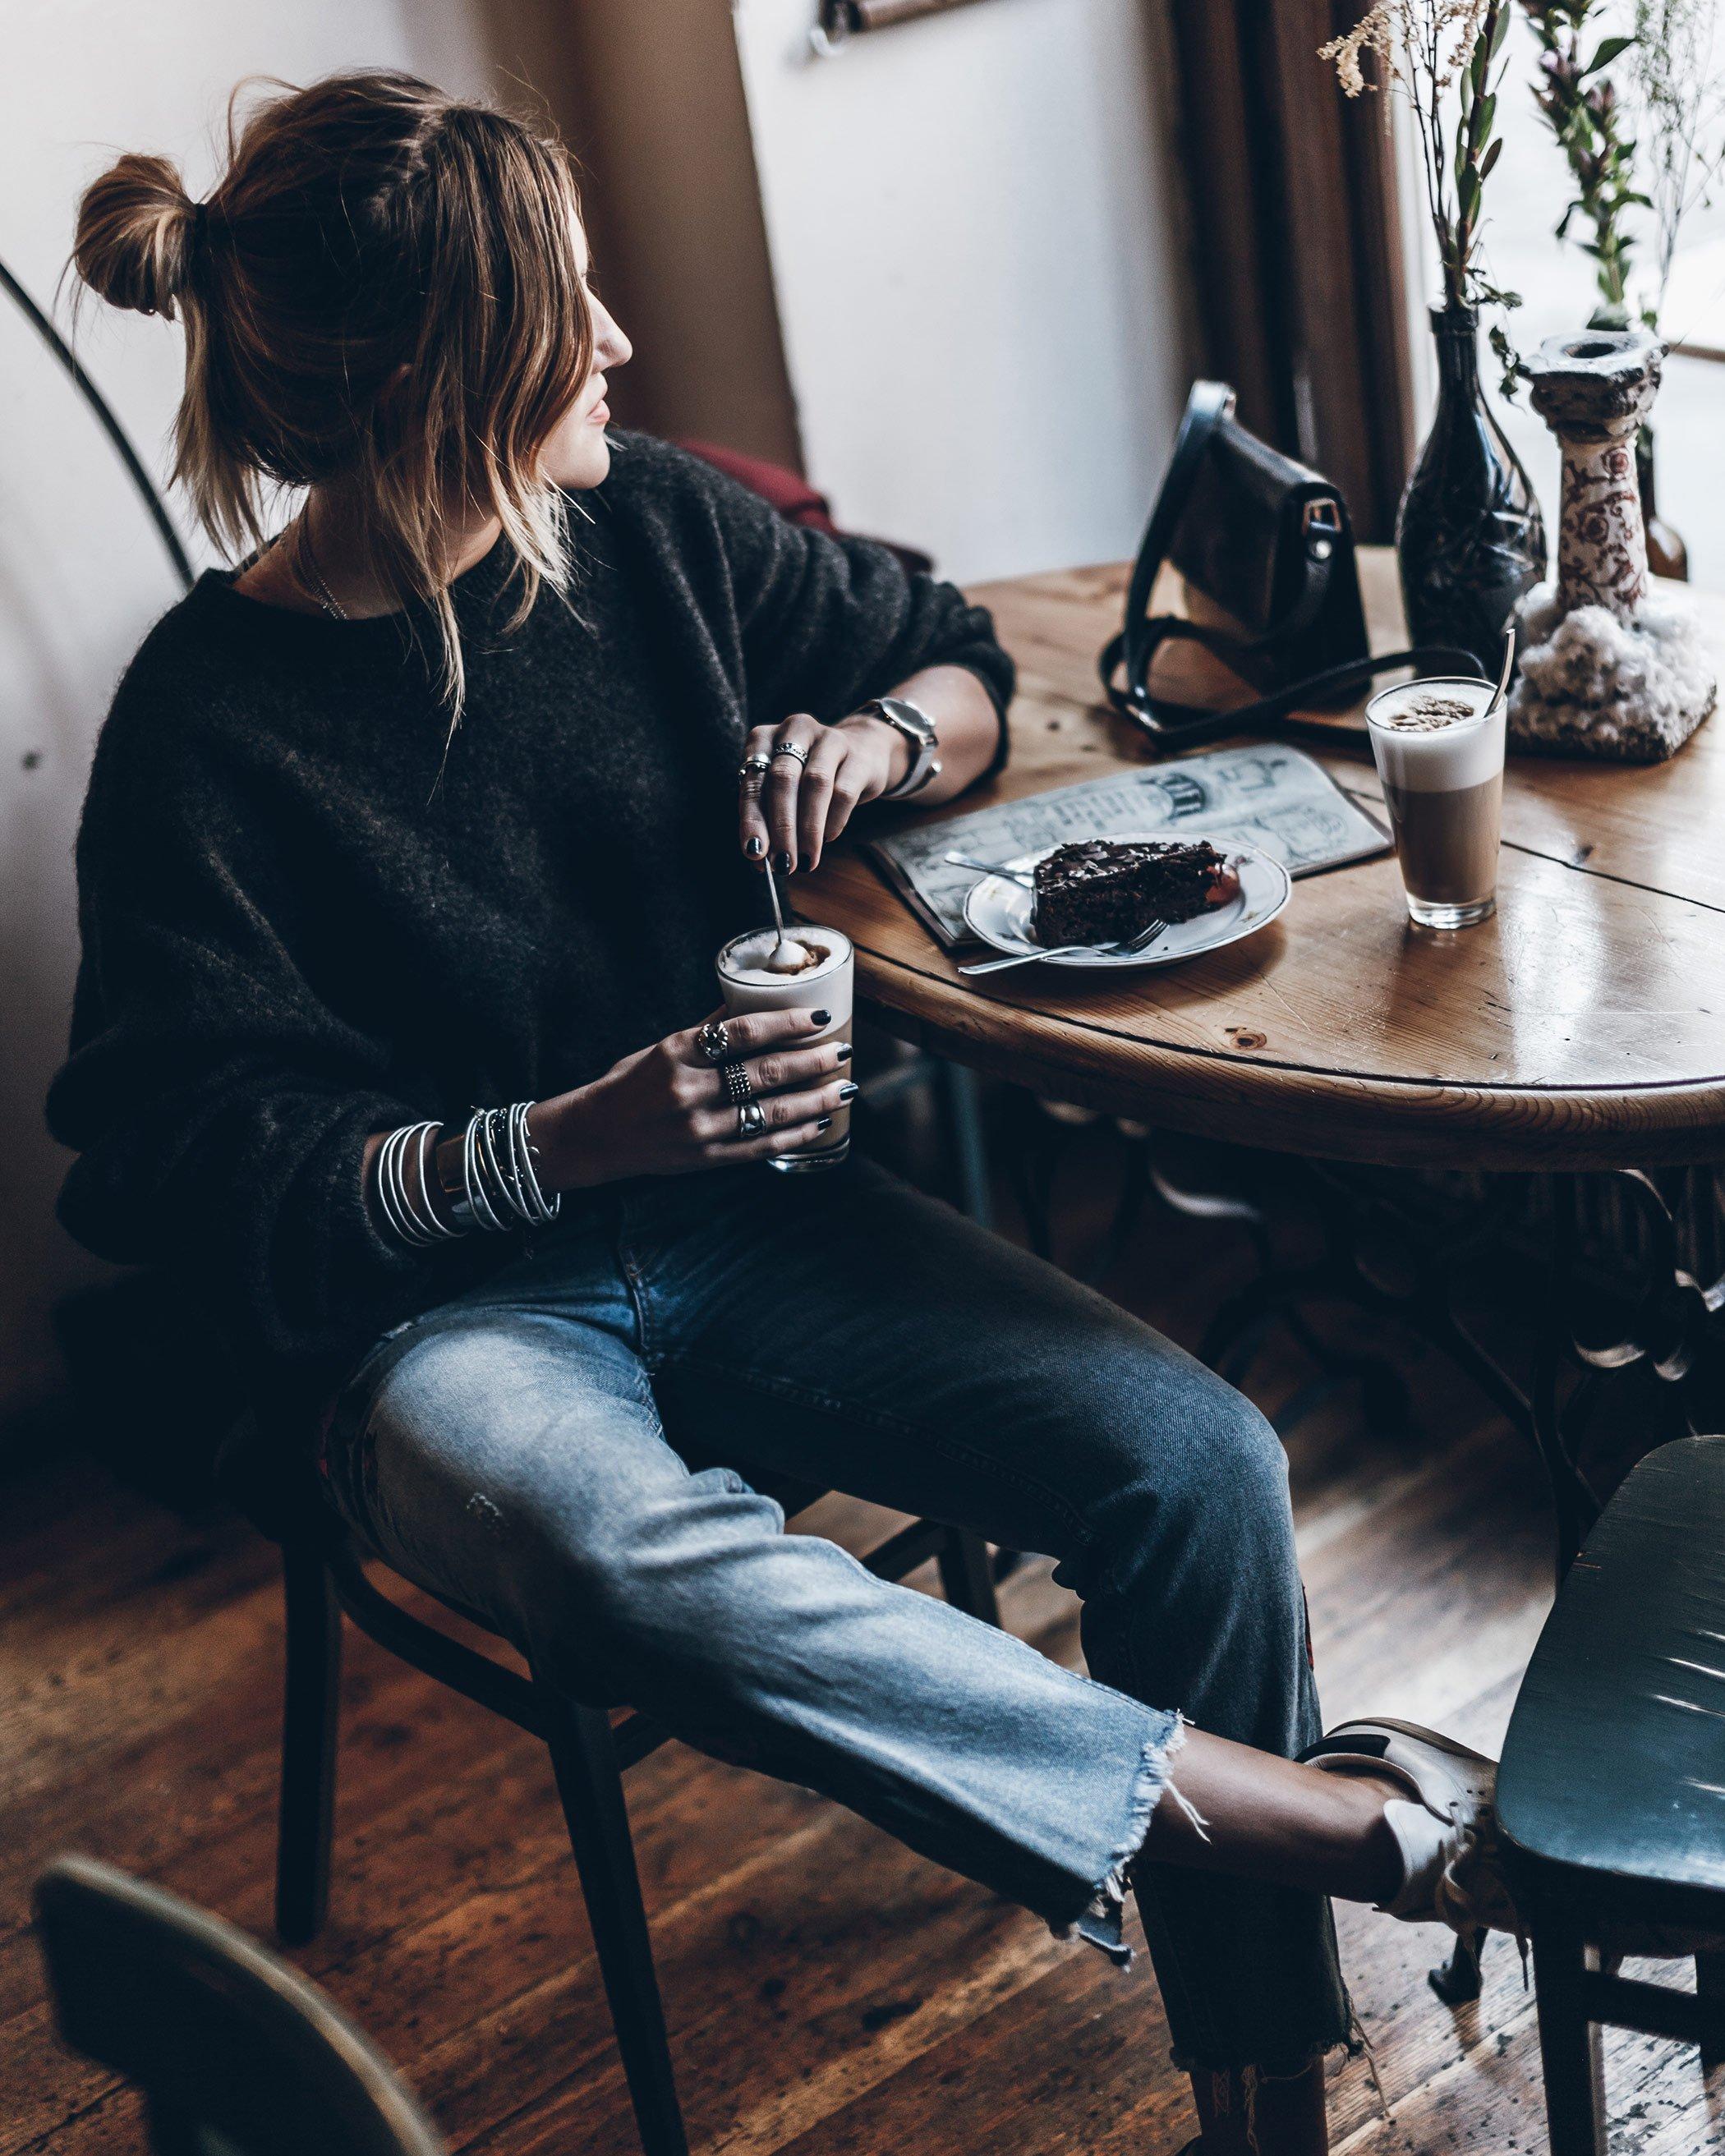 mikuta-revolve-chili-jeans-4